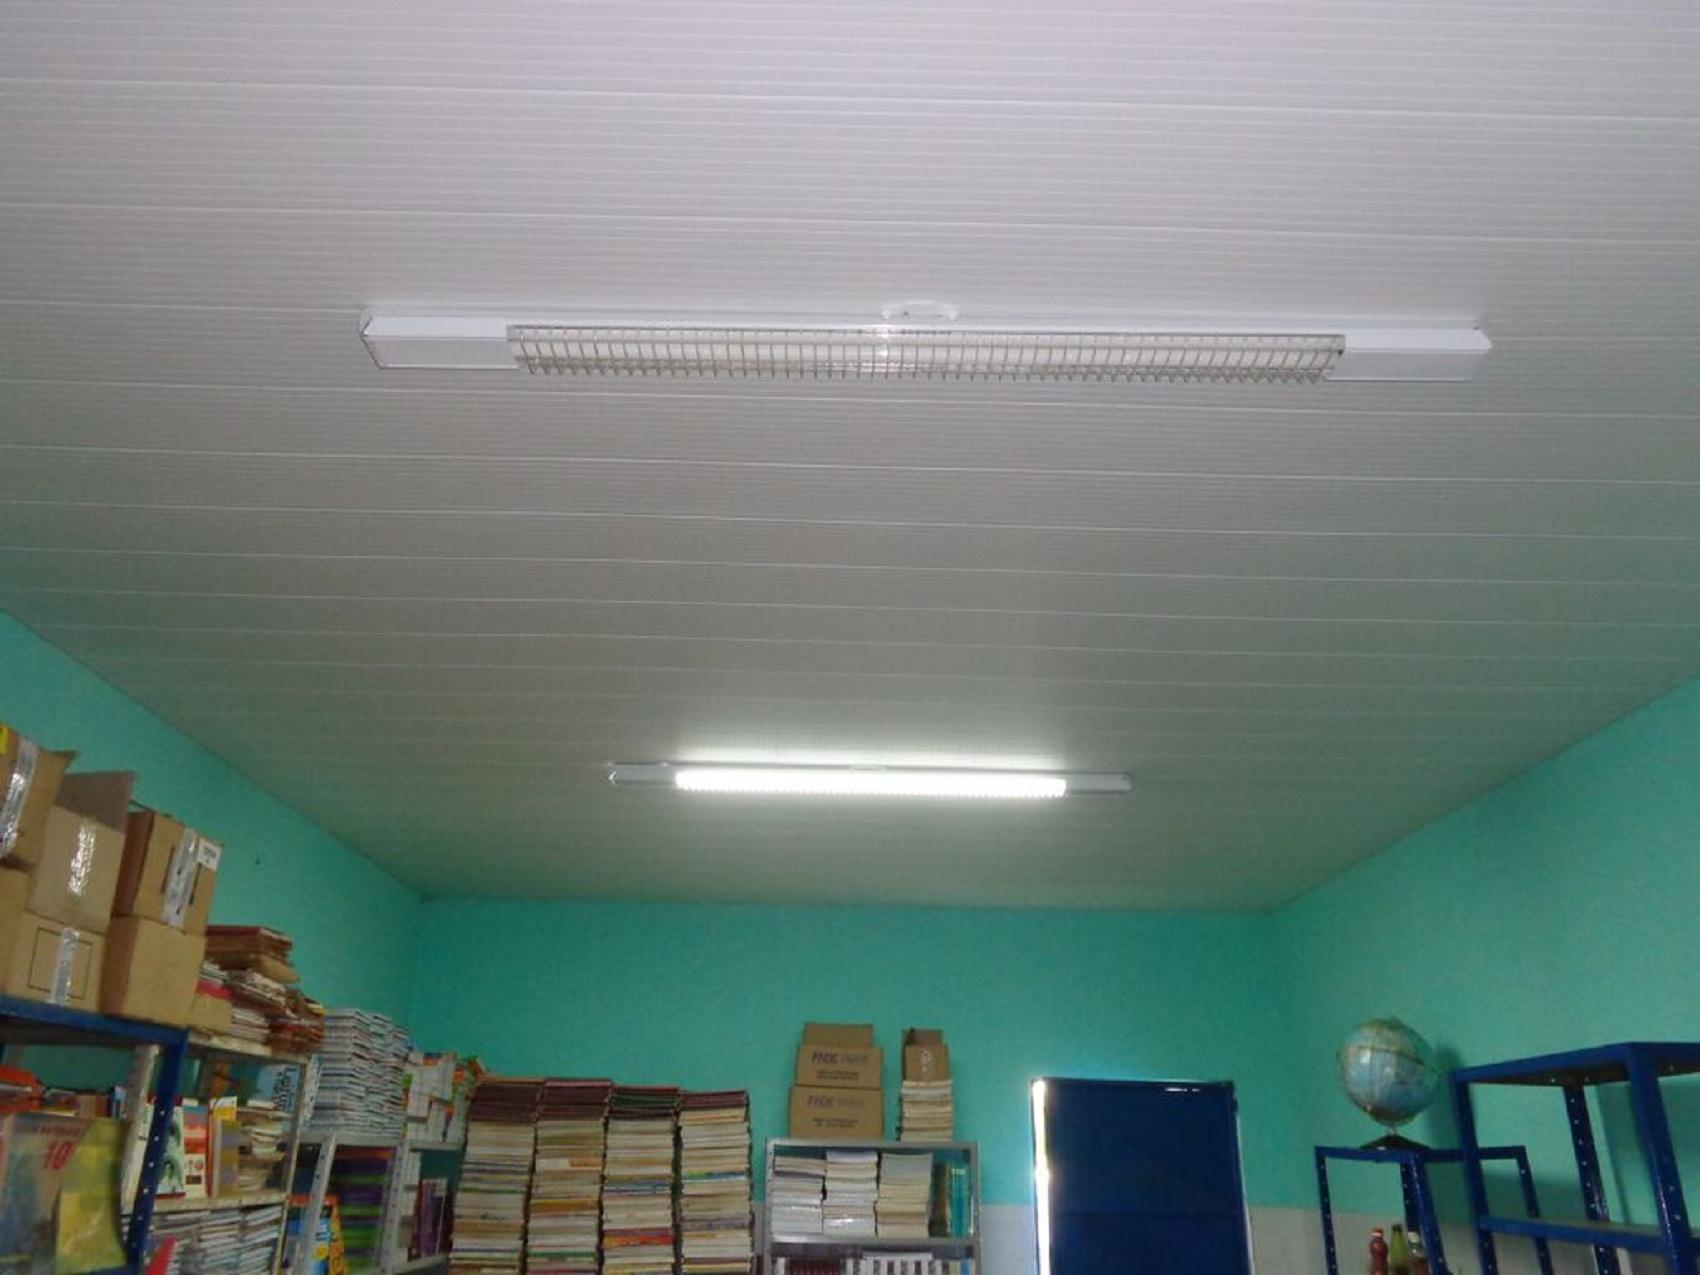 FOTOS: veja imagens das escolas indígenas em Alagoas fotos em  #29425A 1700 1275